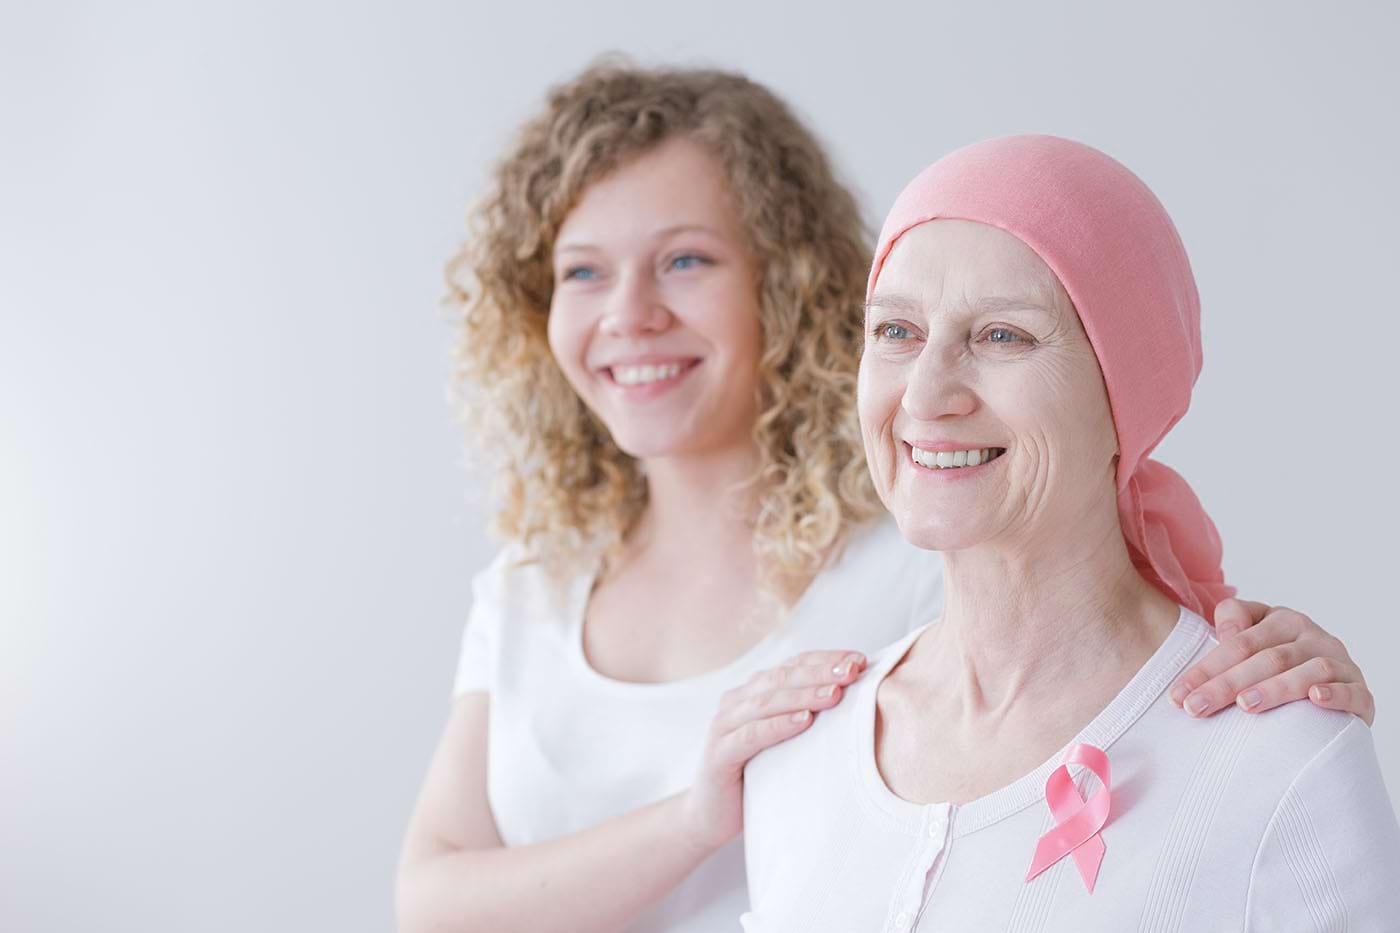 Radioimunoterapia în oncologie